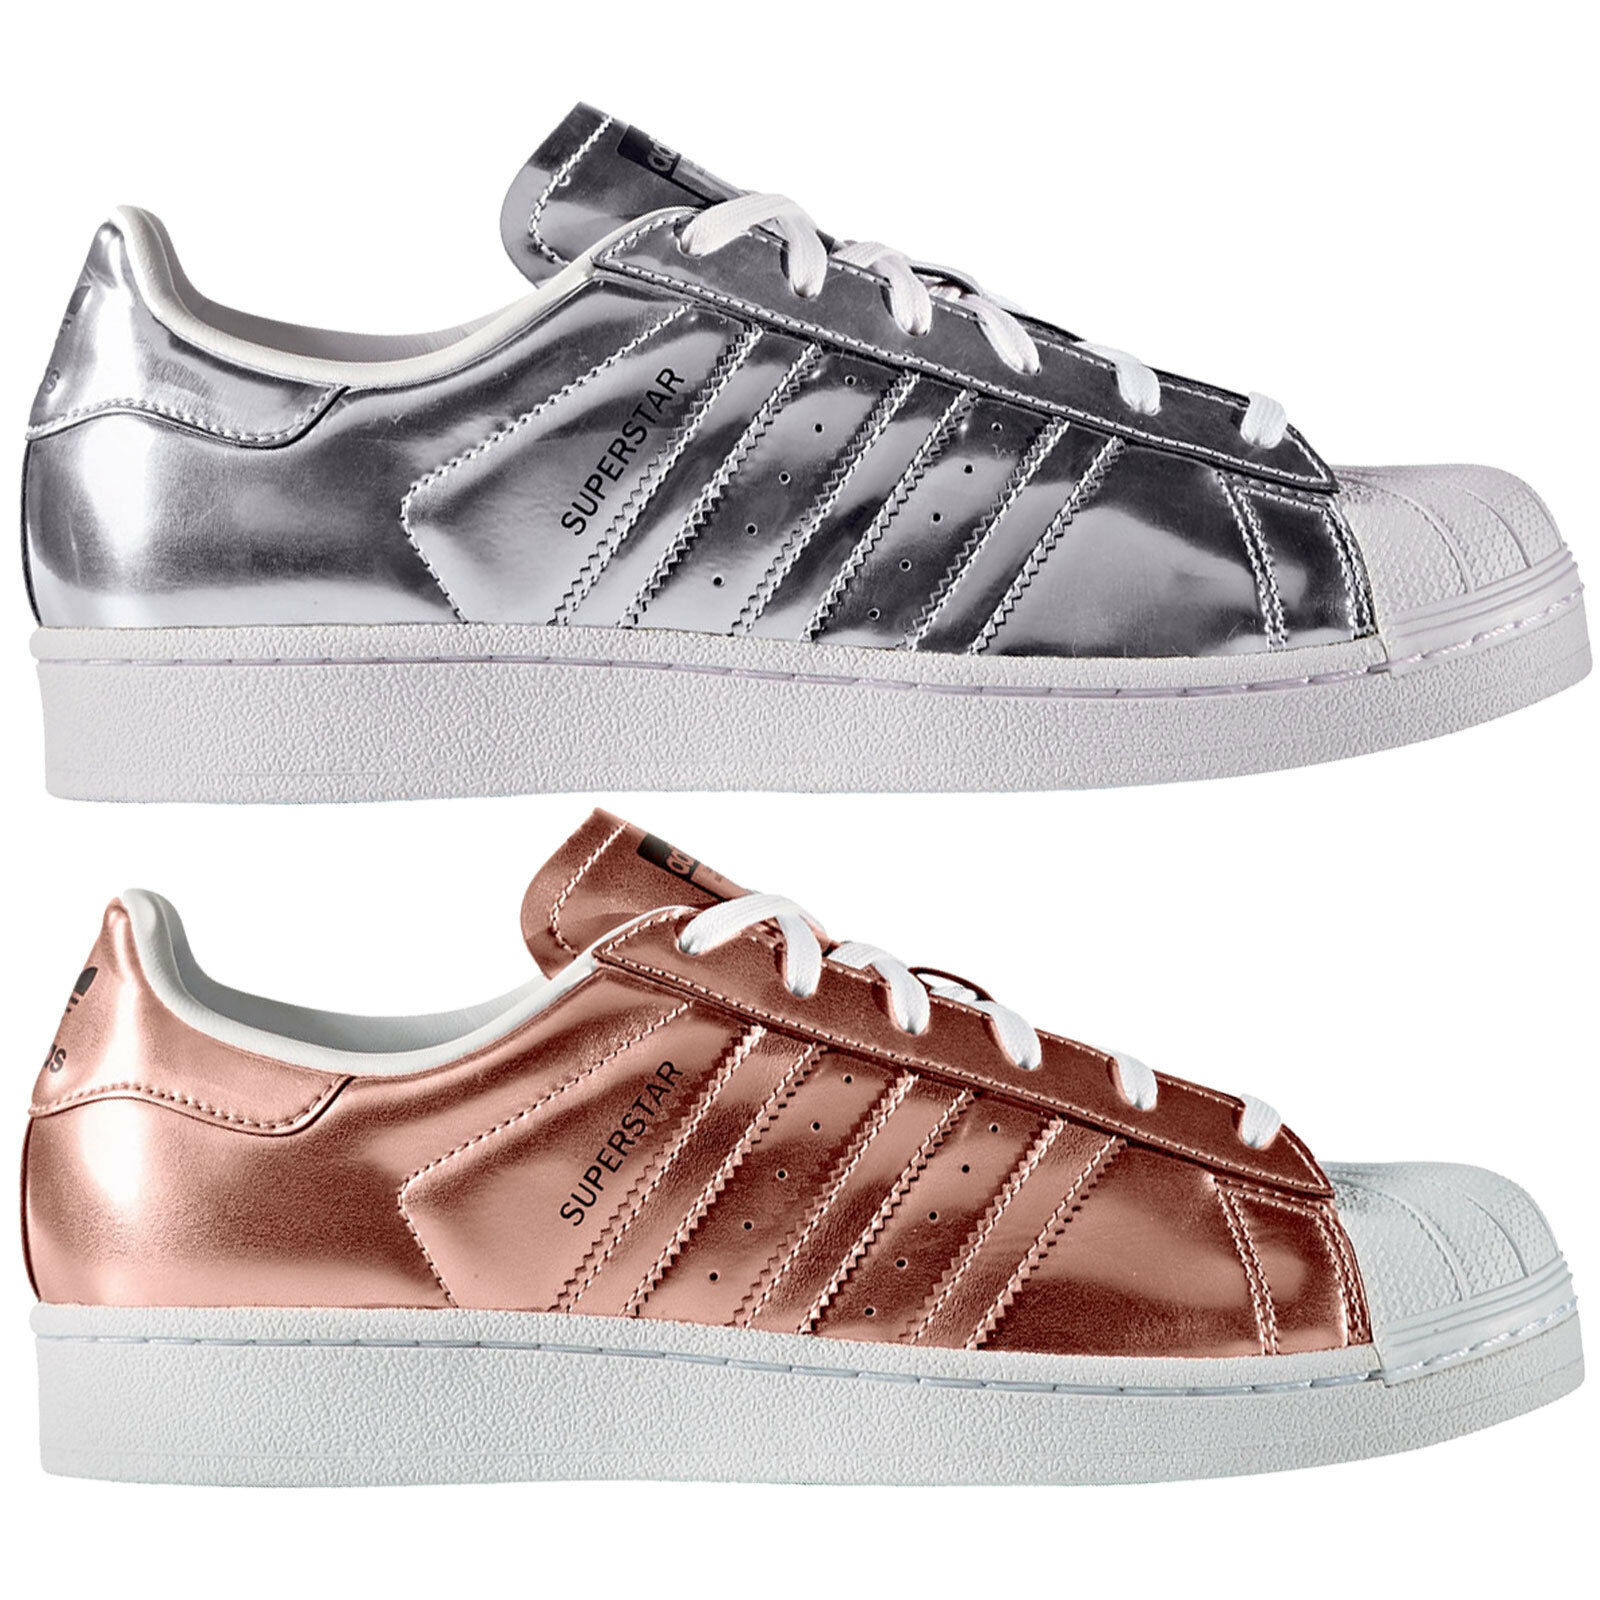 ADIDAS Originals Superstar W W W Donna-Sneaker METALLIZZATO RAME ARGENTO Scarpe da ginnastica nuovo ad2bdb